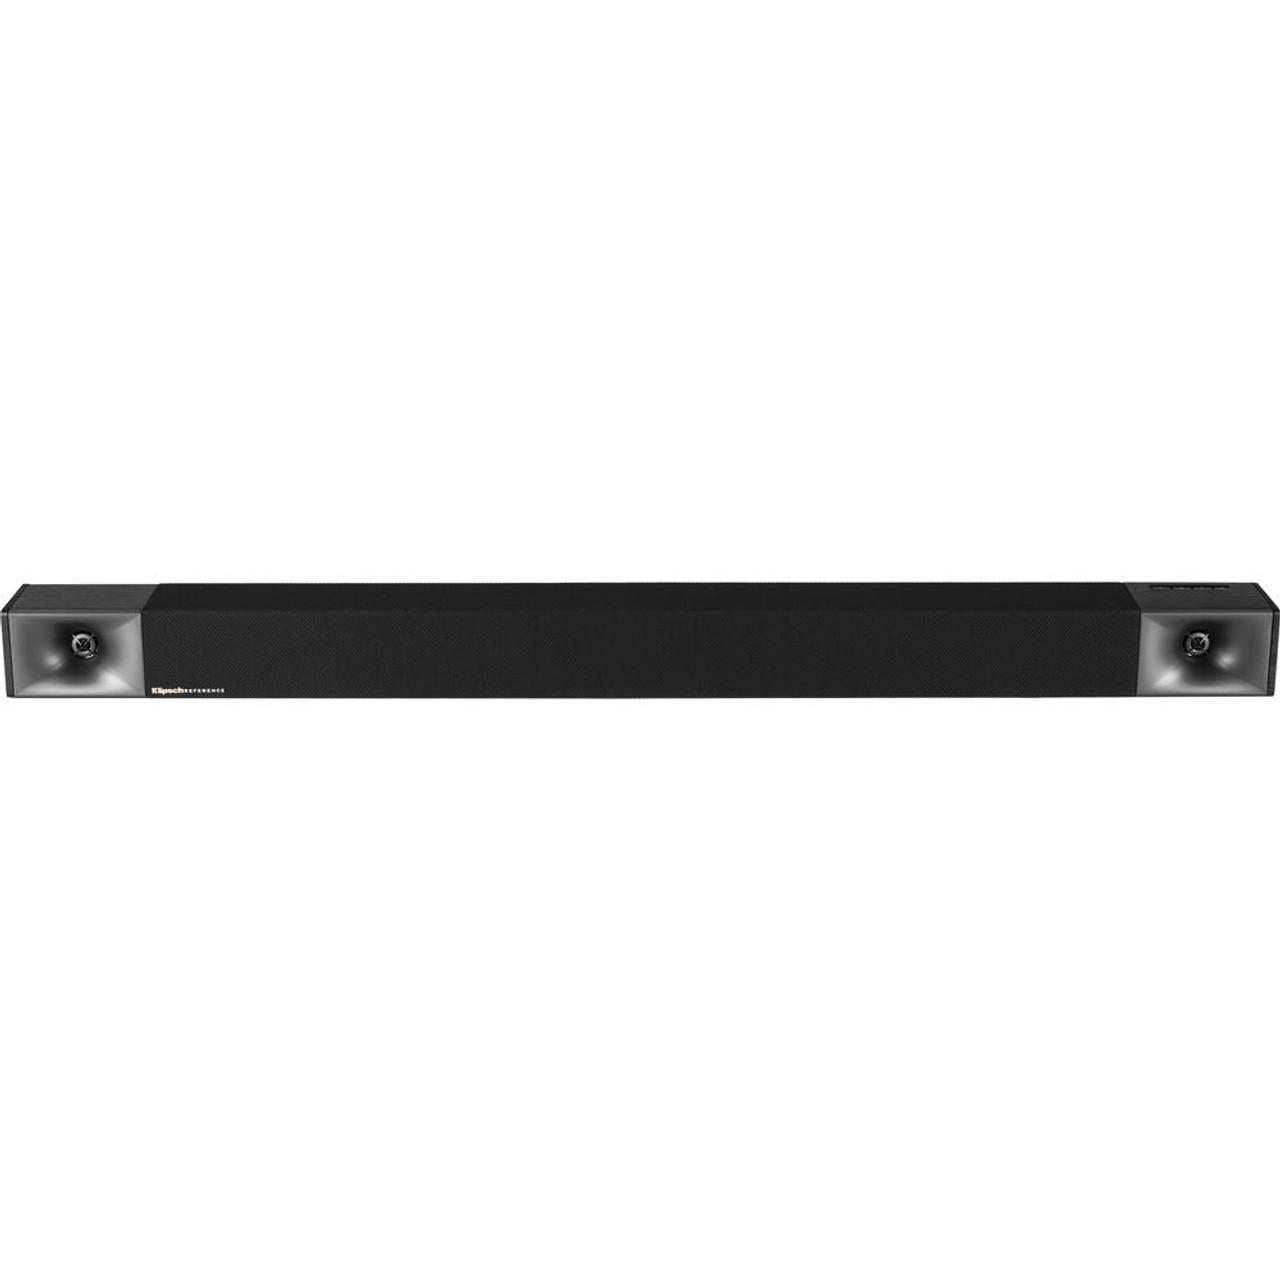 Klipsch K1064247 Bar 40 Soundbar with Subwoofer